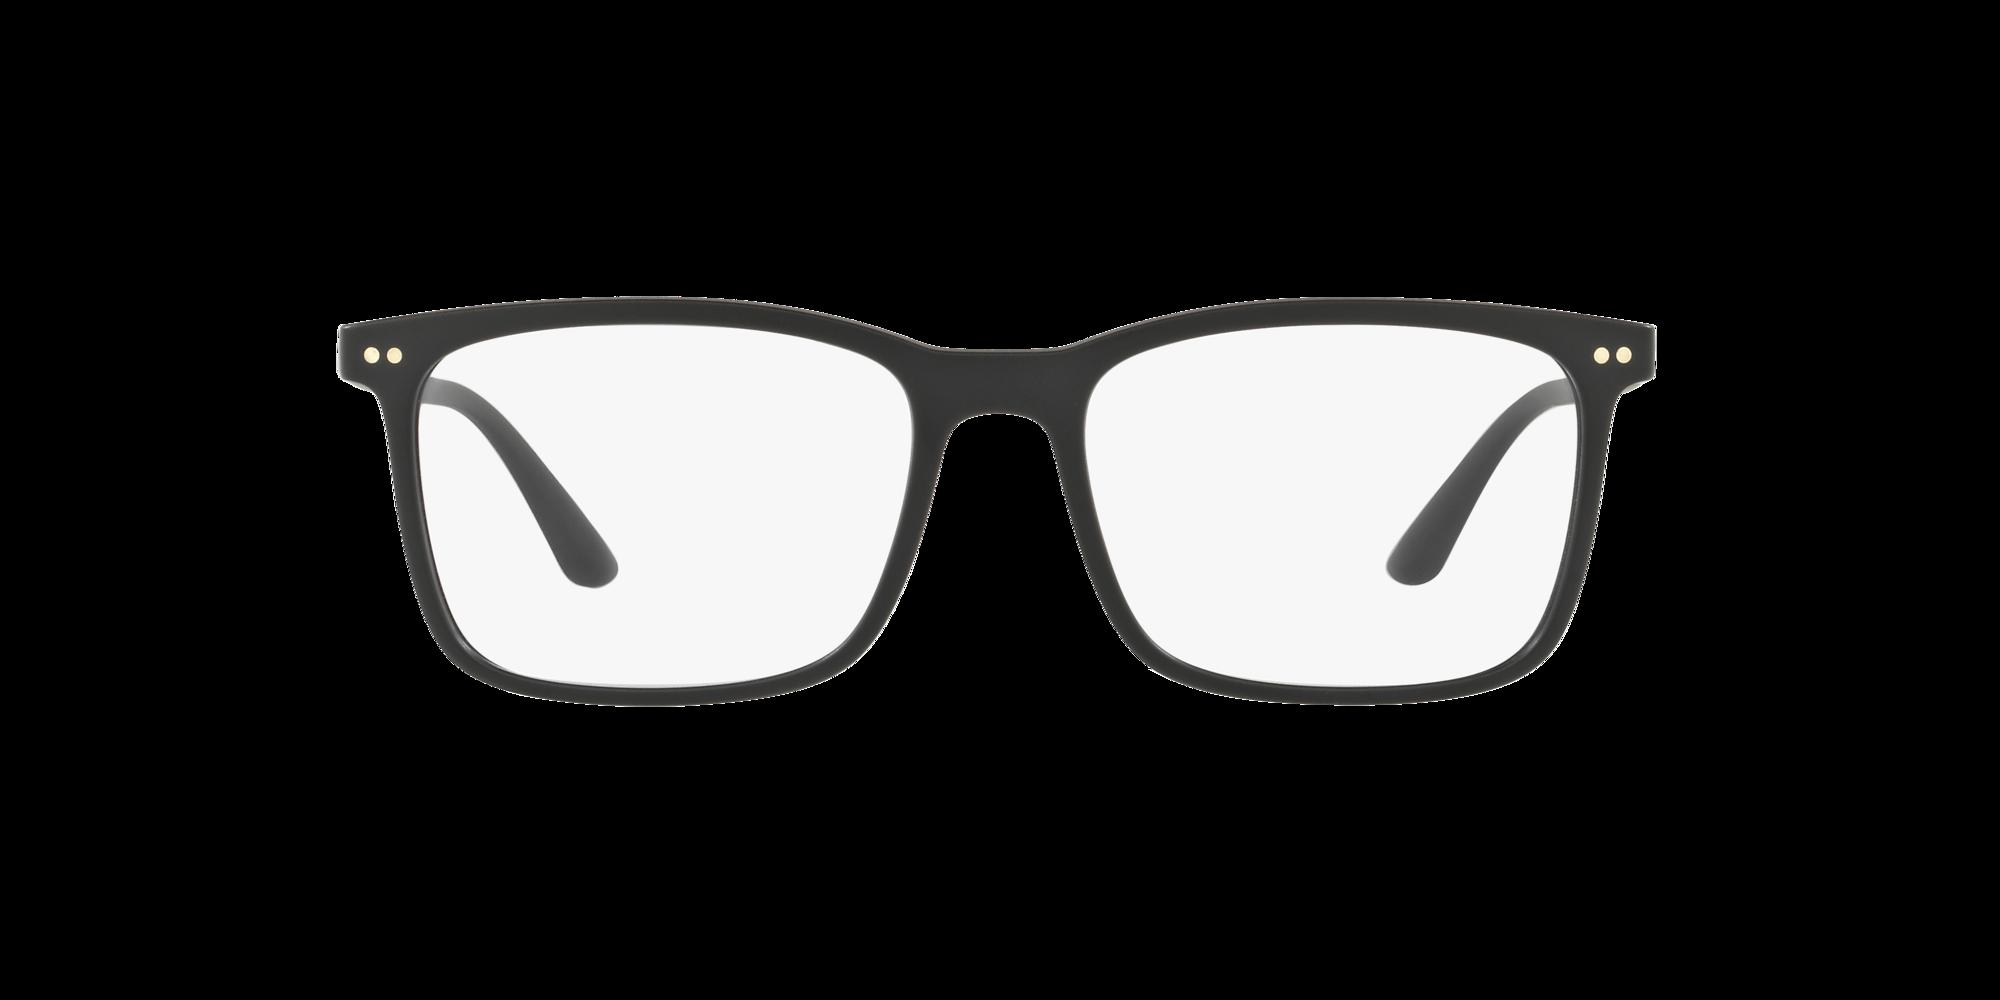 Imagen para AR7122 de LensCrafters |  Espejuelos, espejuelos graduados en línea, gafas